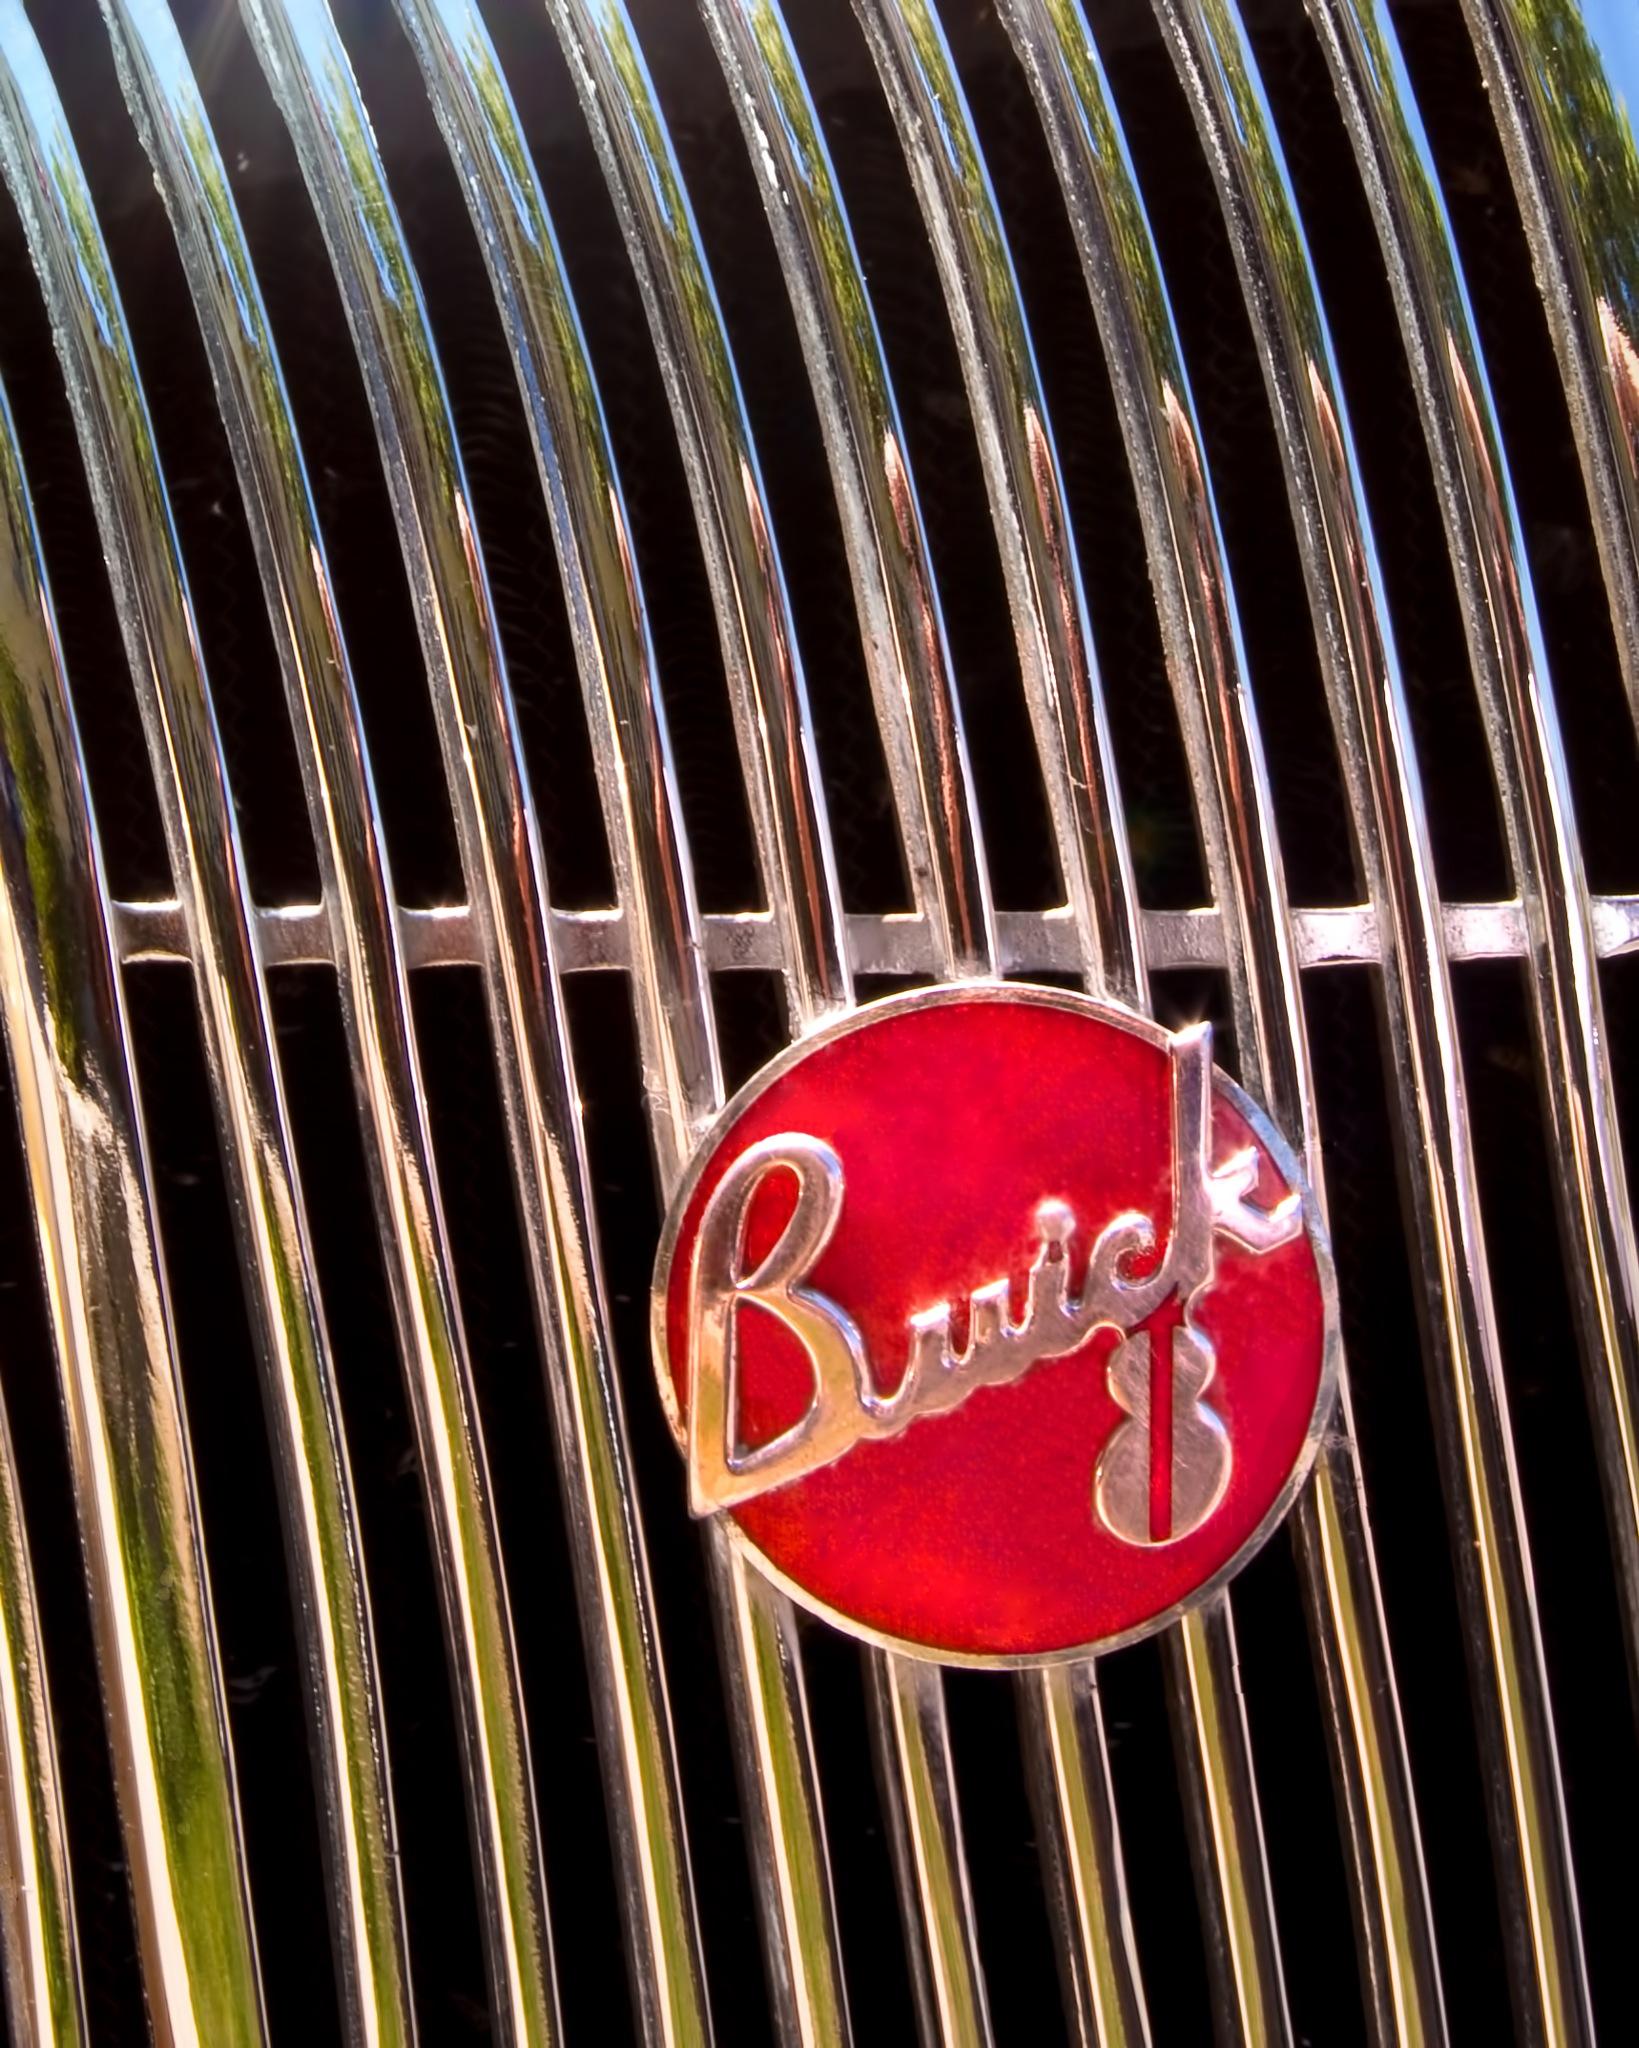 Buick 8 by Bobjb